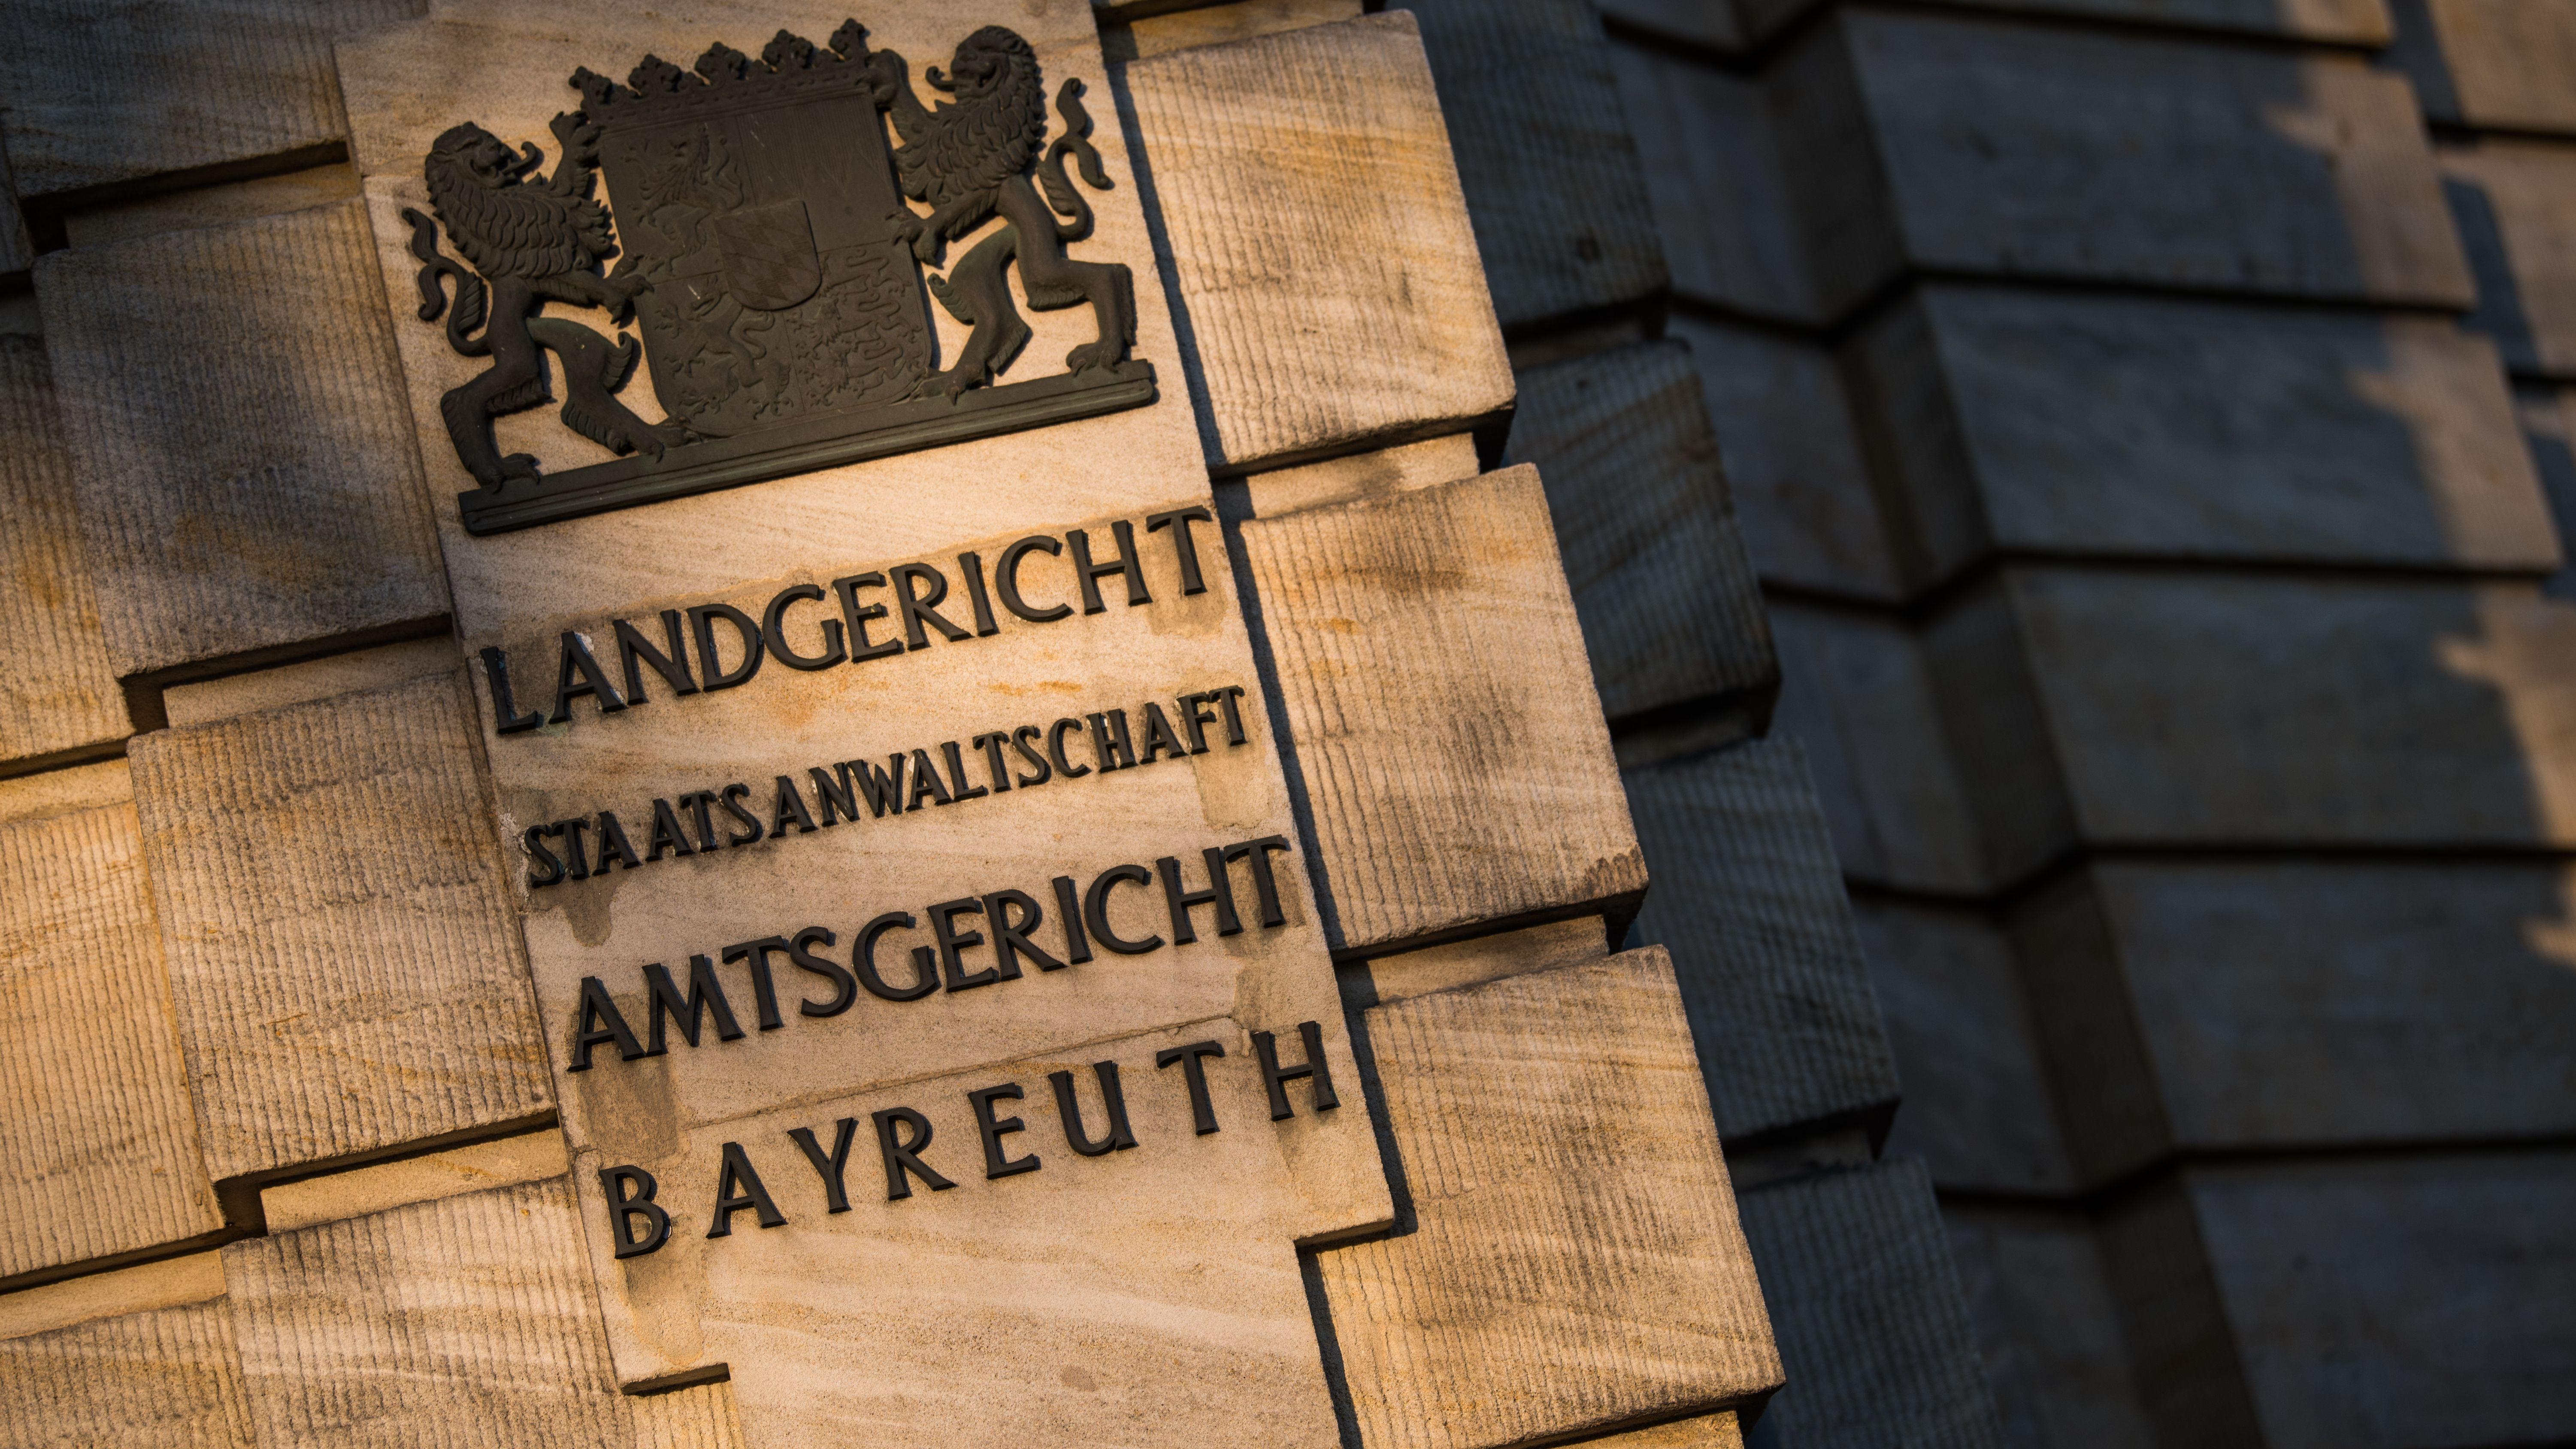 Das Amtsgericht Bayreuth